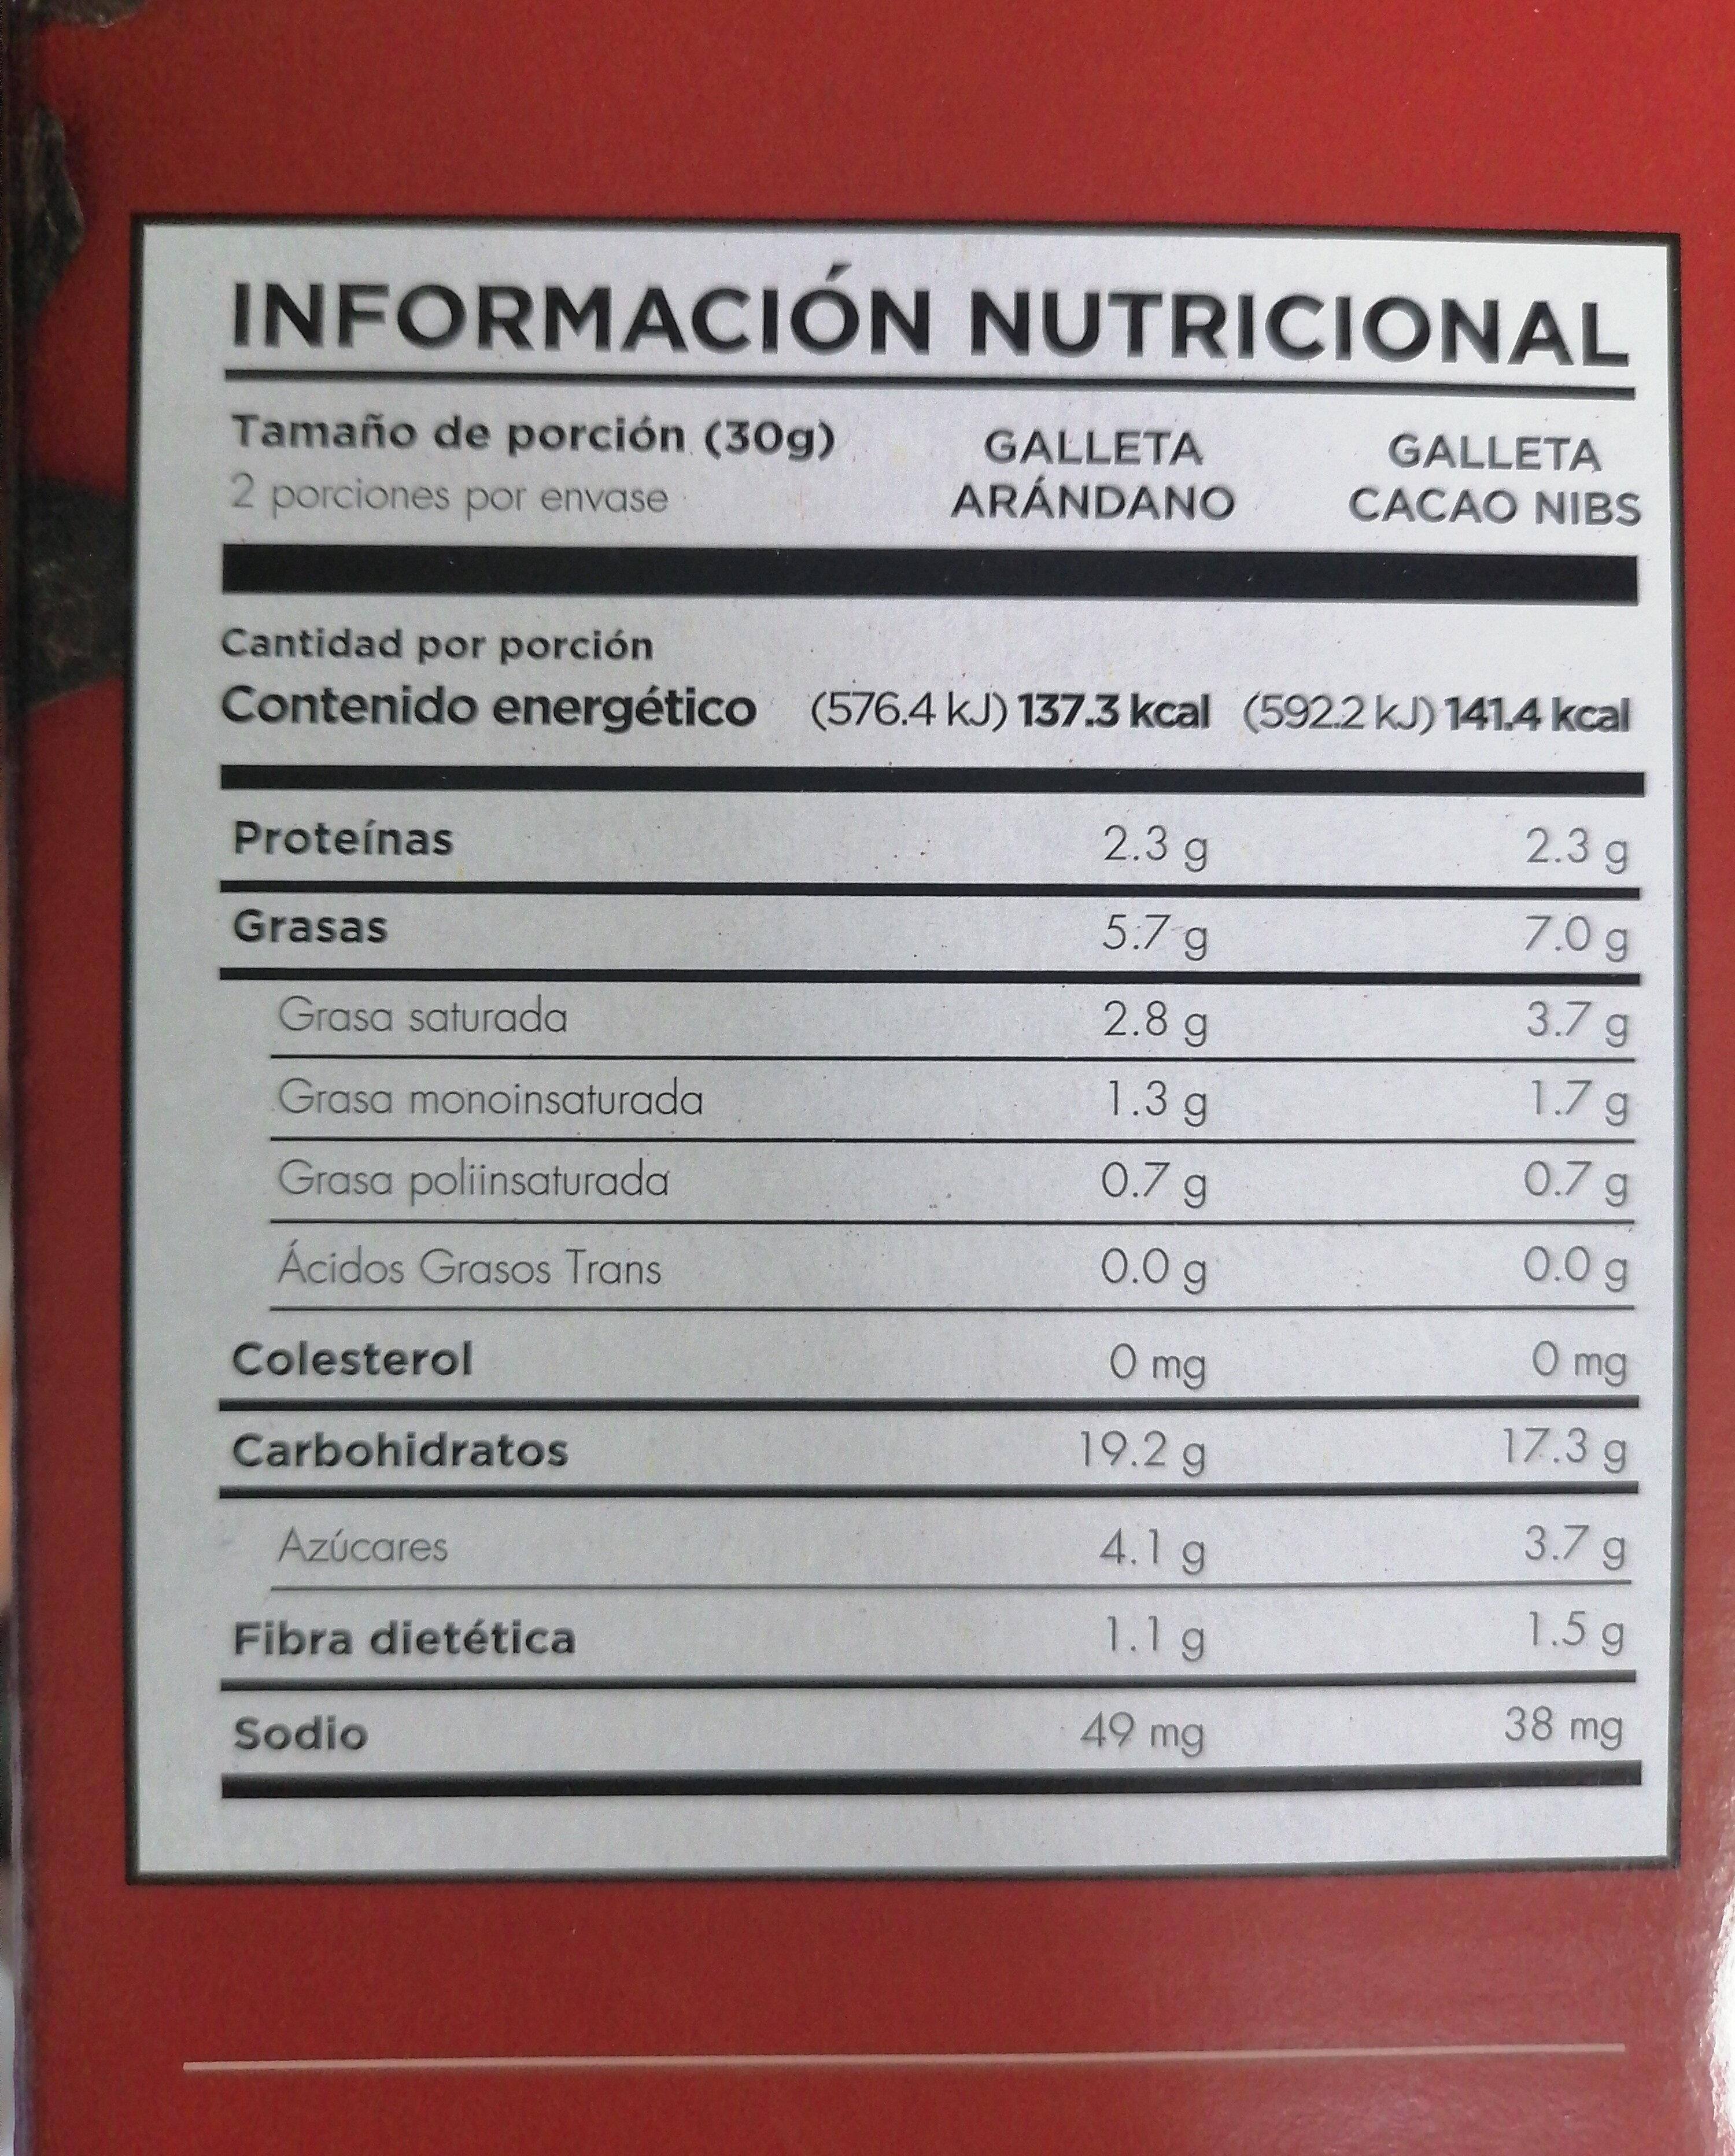 Galletas con avena sabor cacao nibs y arándano - Información nutricional - es